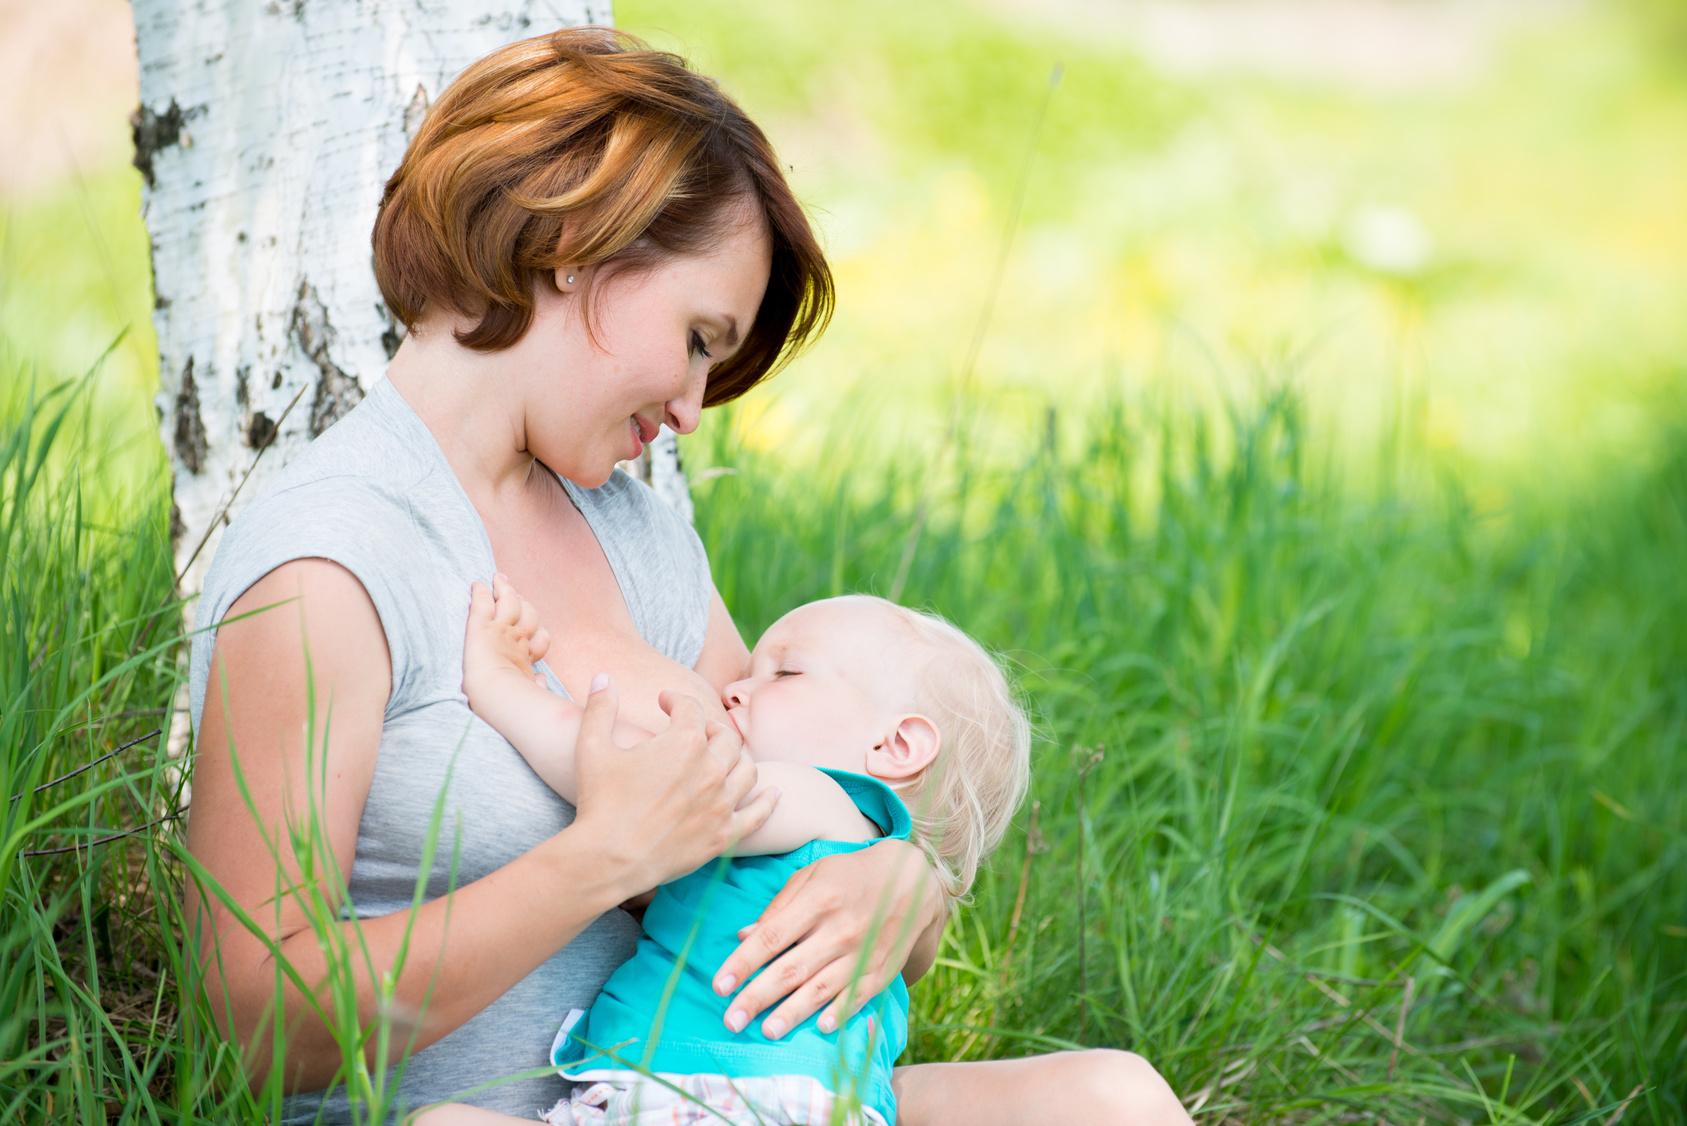 Фото син їбе маму на природі 21 фотография